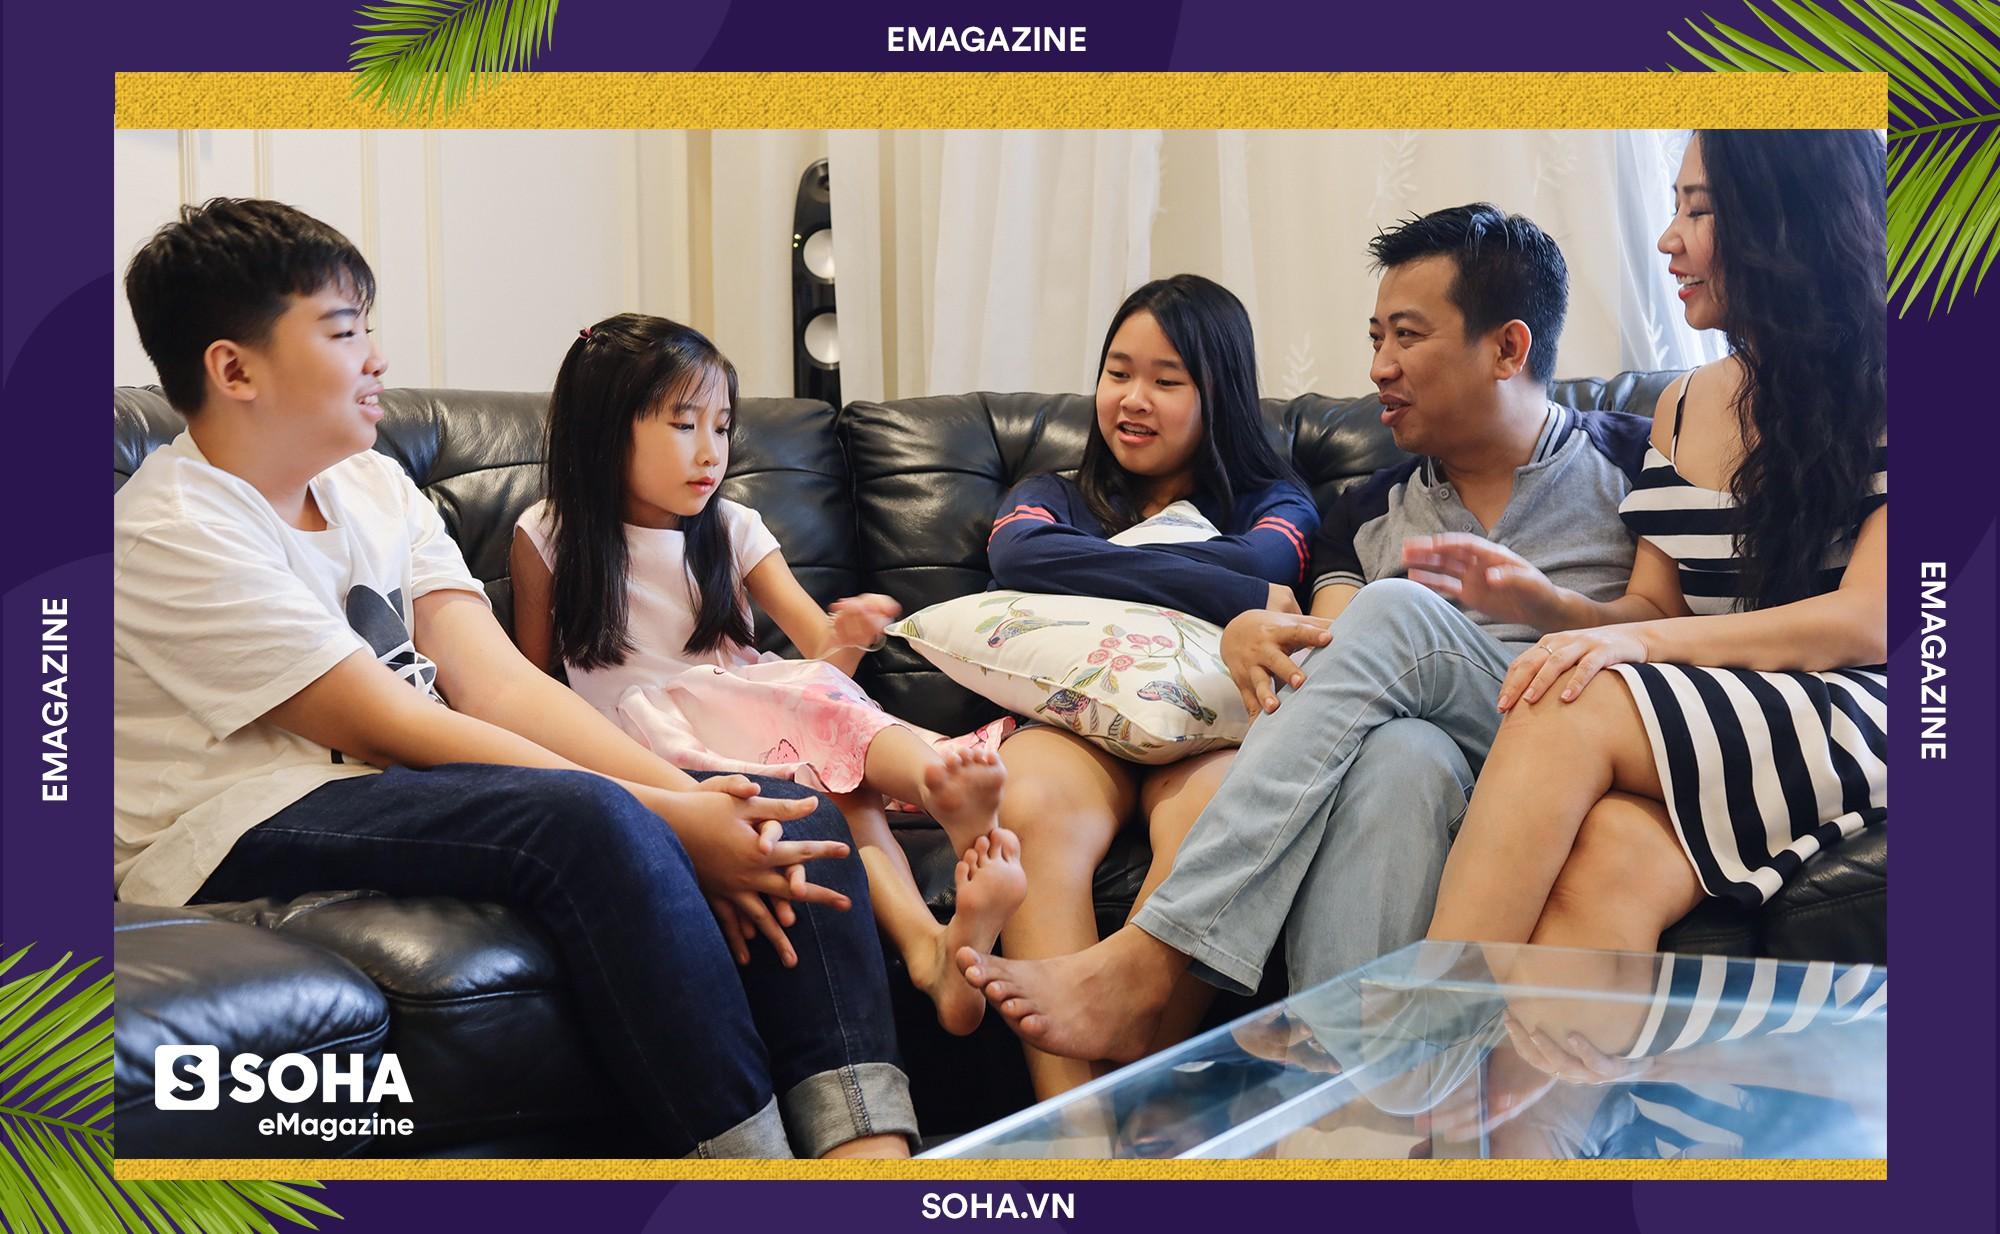 Bí kíp dạy con của Chánh Văn: Đừng trở thành một ông bố tâm lý. Hãy cố gắng trở thành ông bố ngoài cuộc - Ảnh 20.